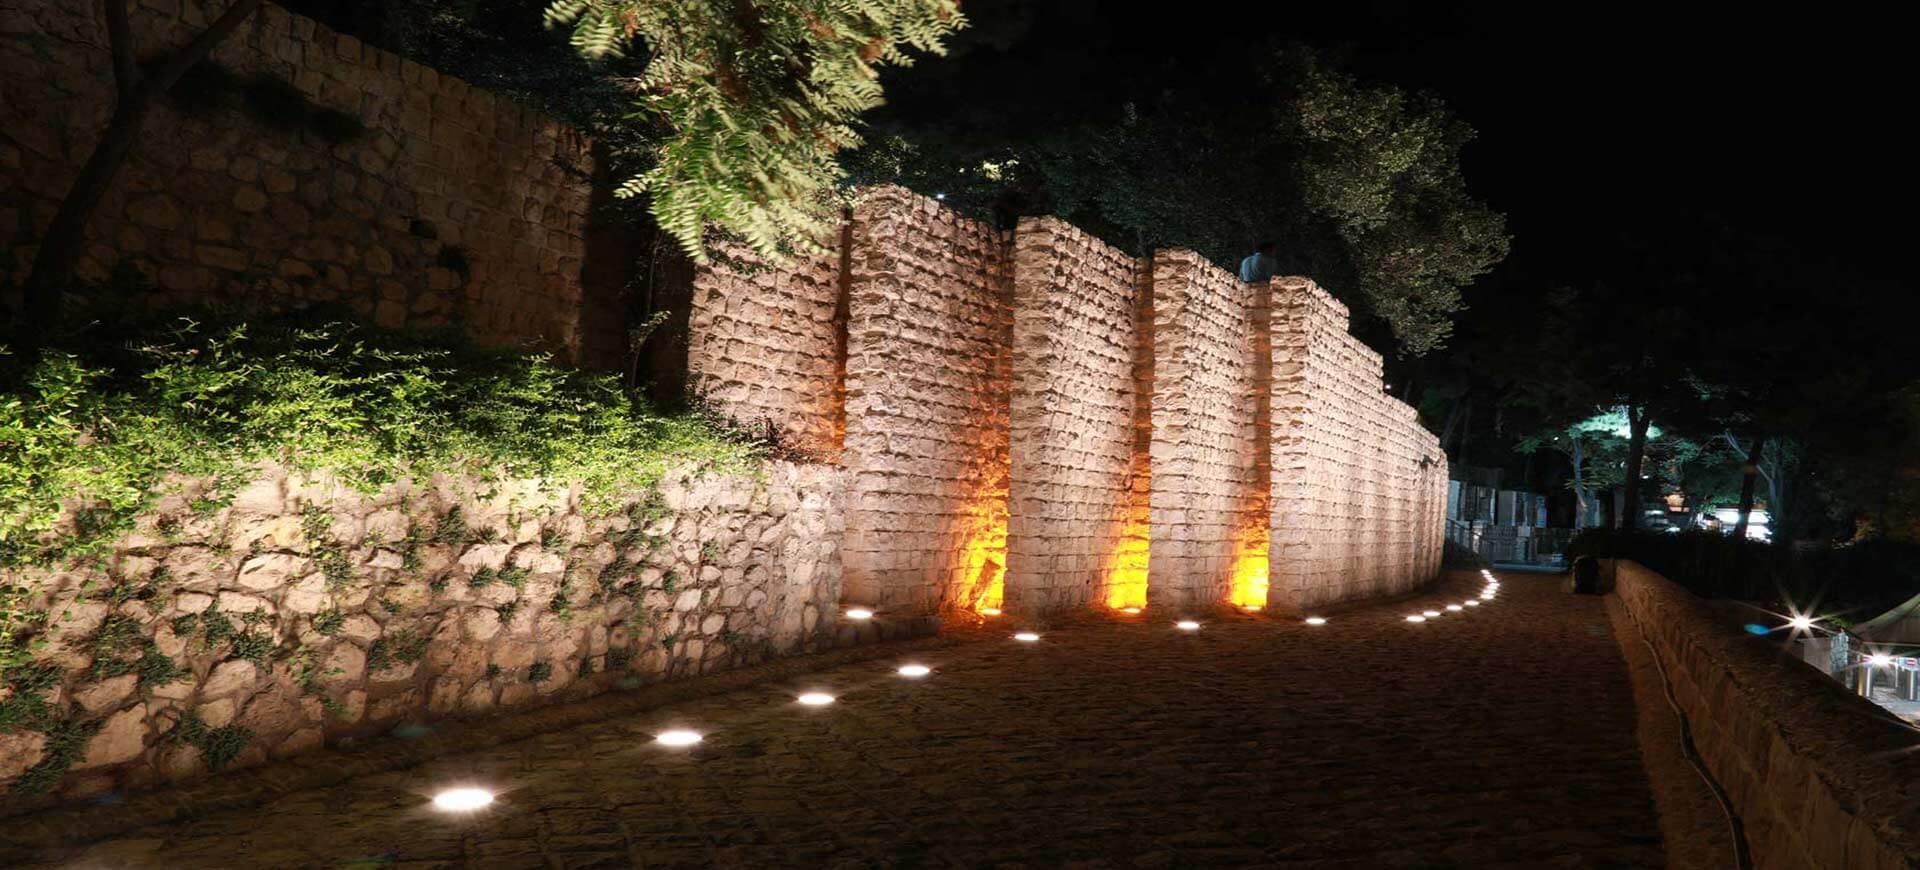 تصویر یک فضای سبز است که در آن از لامپ های زمینی یا دفنی استفاده شده است.